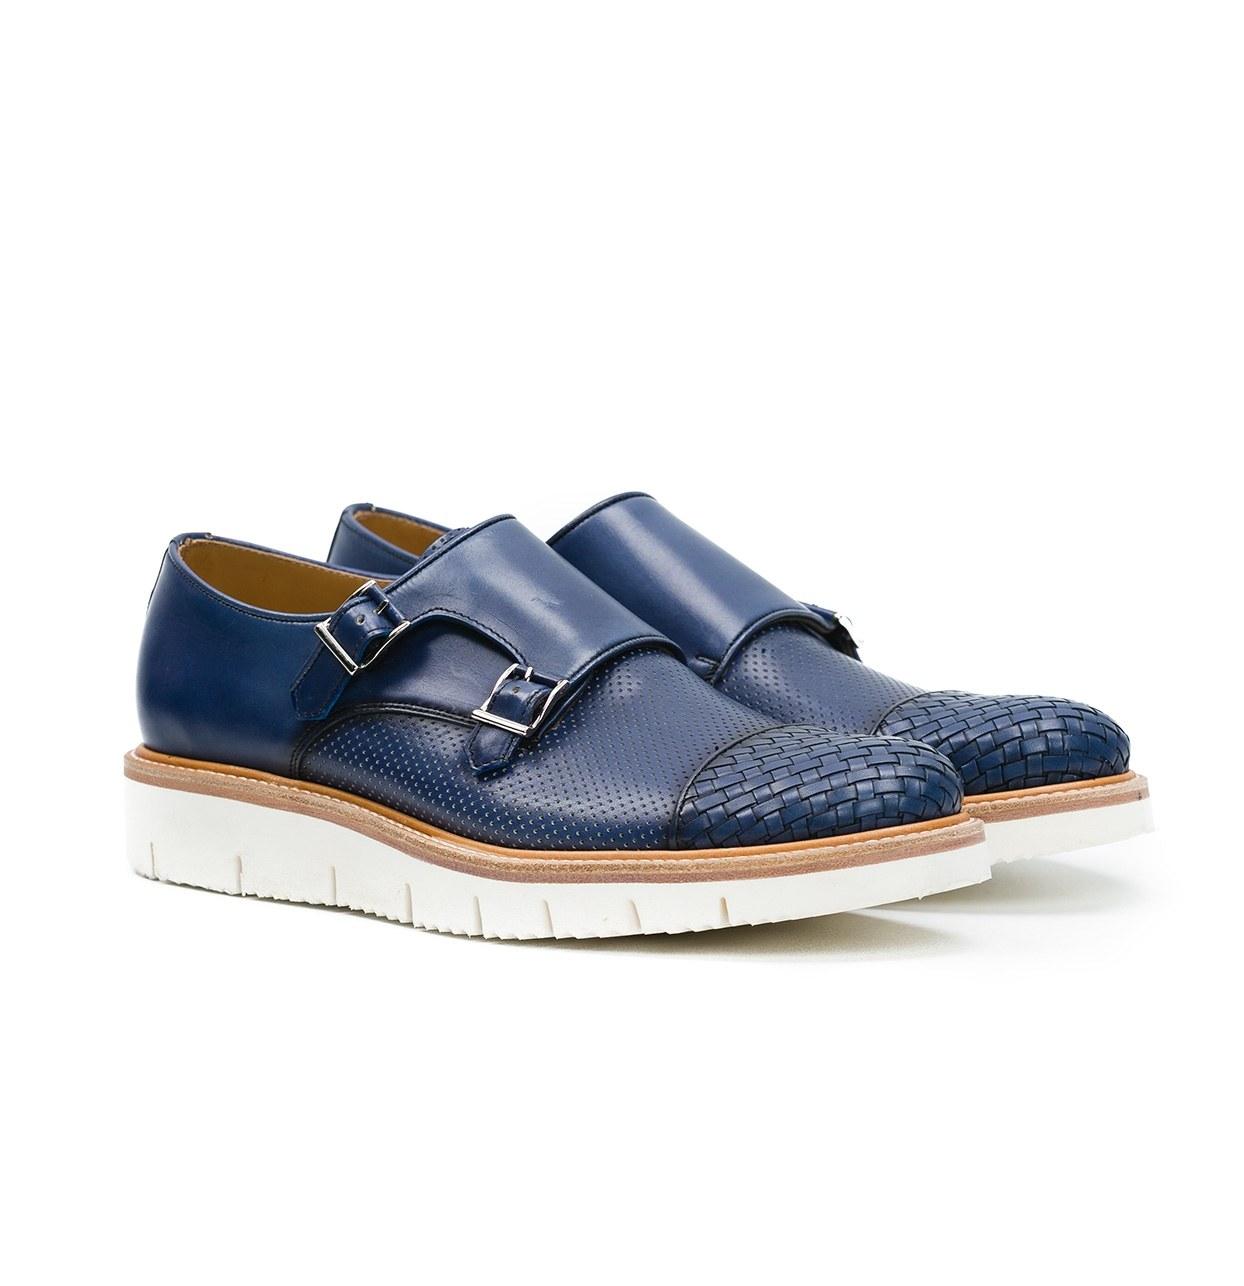 Calzado Sport Wear color azul, 100% Piel.